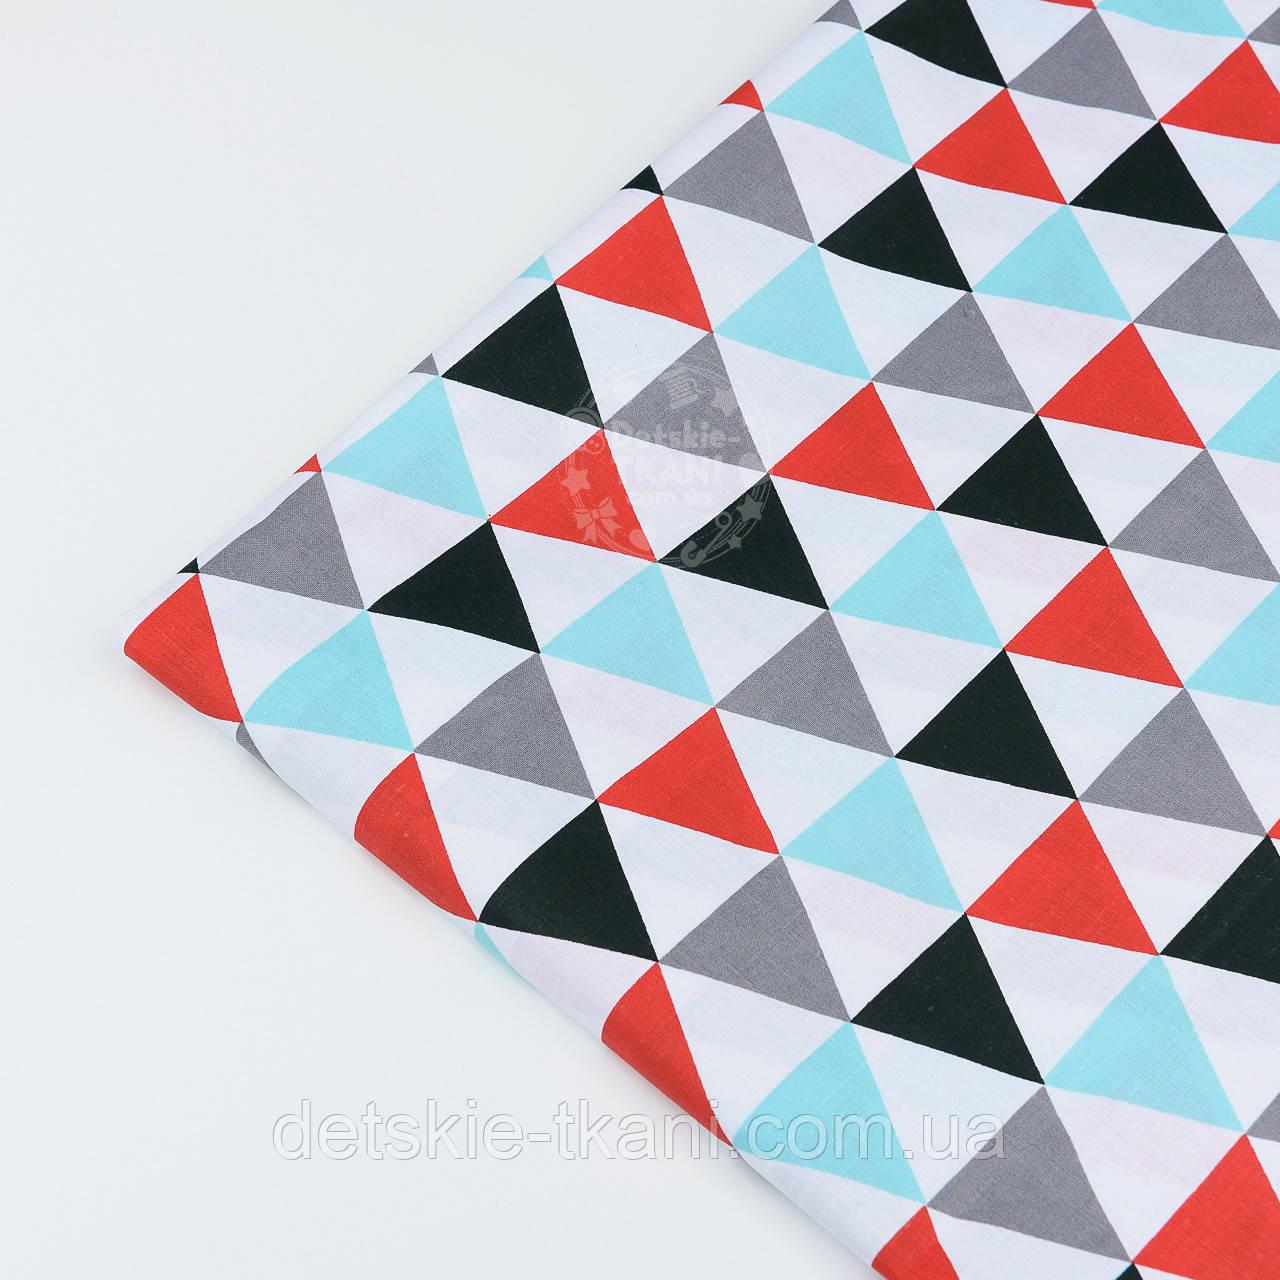 """Лоскут ткани """"Треугольники серые, бирюзовые, красные"""", №1205а"""